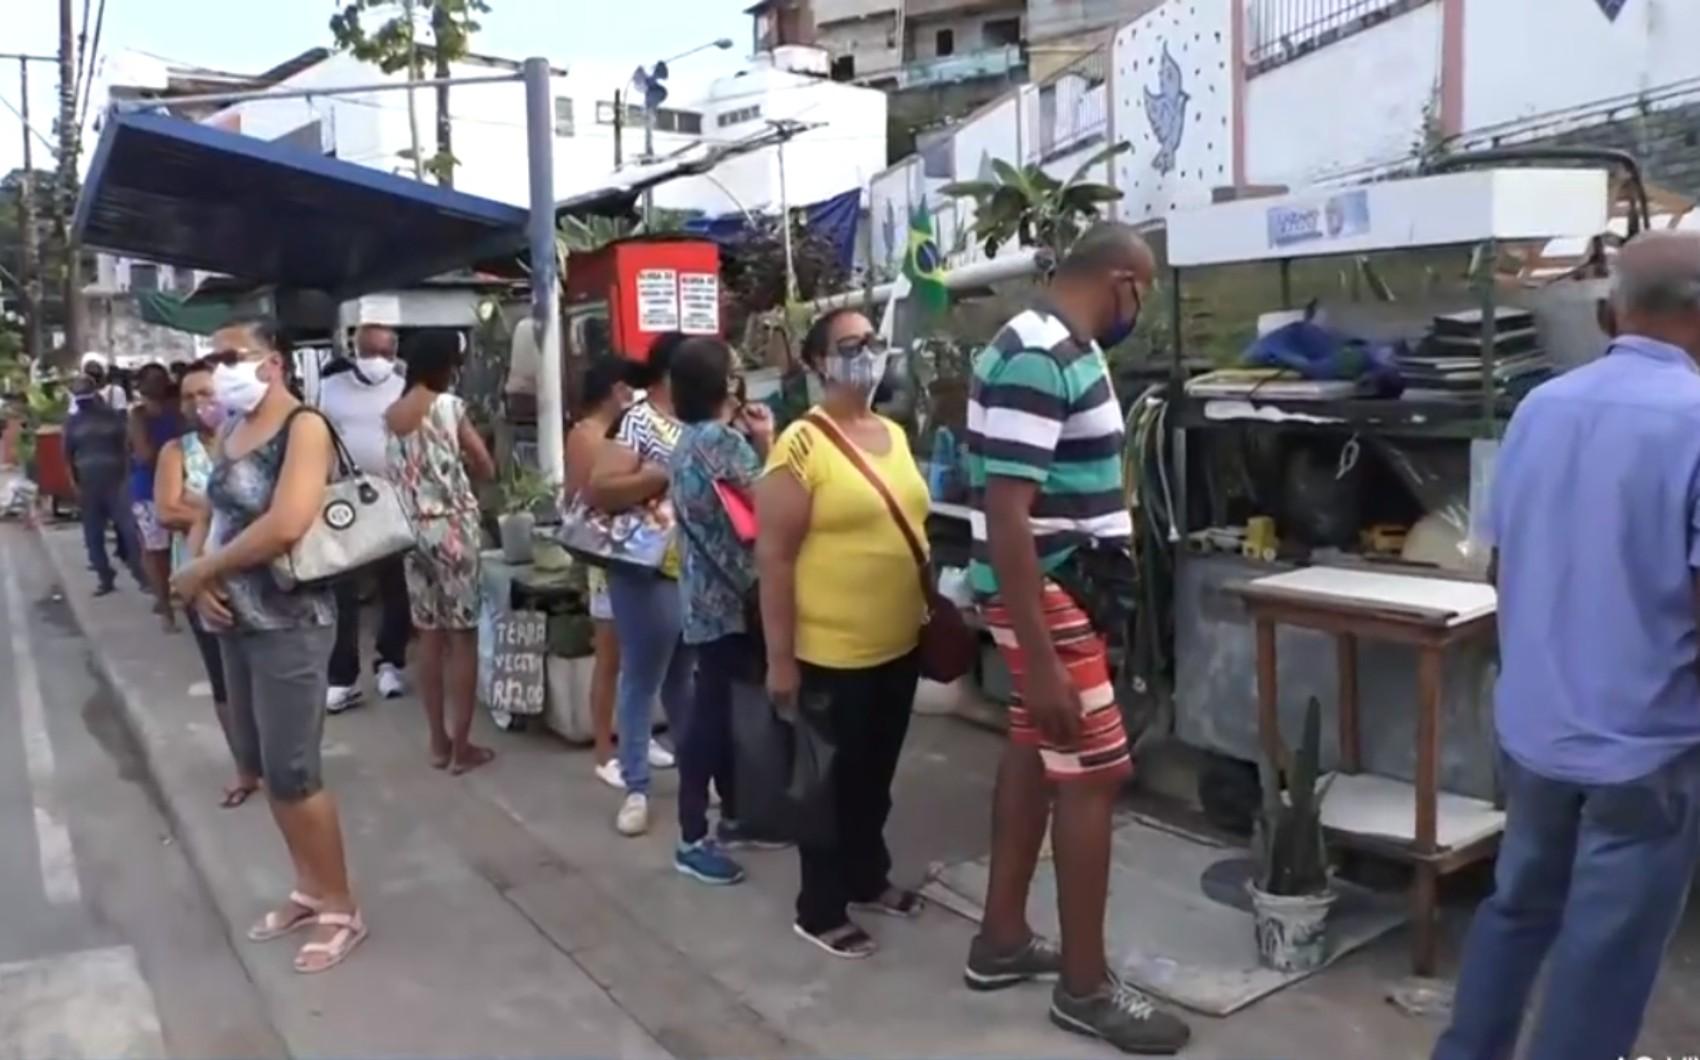 Após longas filas registradas em multicentro de Salvador, SMS abre contratação excepcional de procedimentos médicos